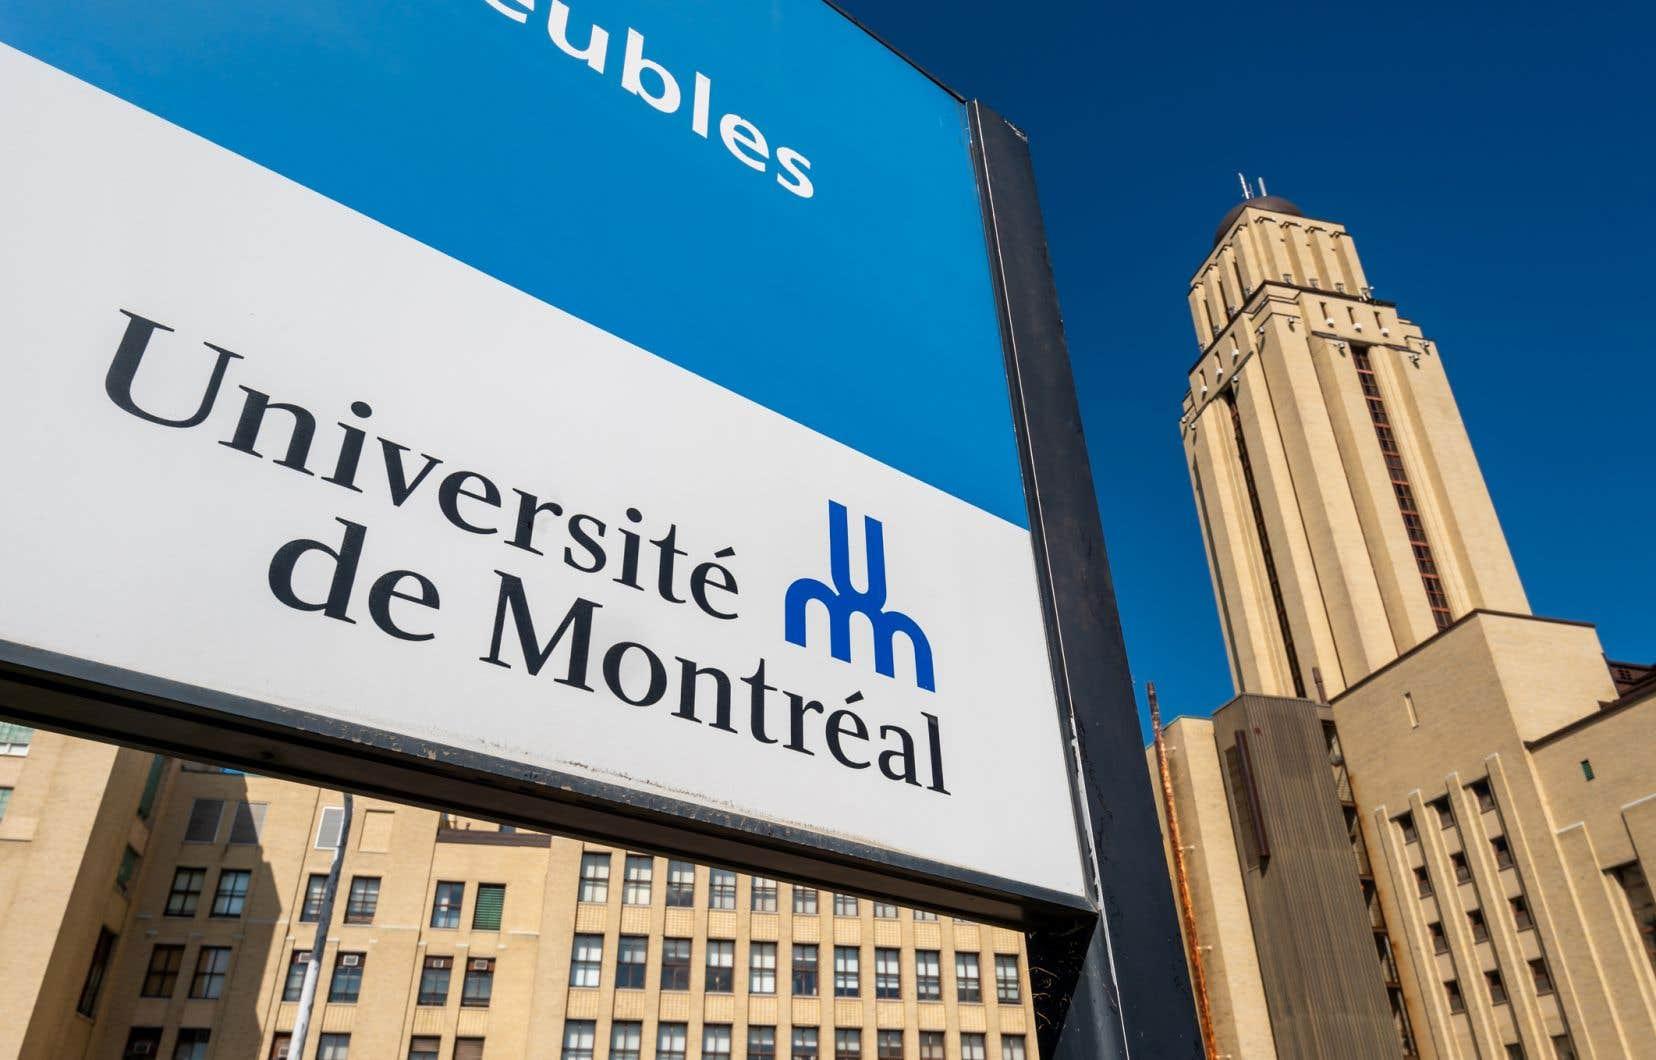 L'Université de Montréal a mis en place une procédure qui encourage ses chercheurs à publier leurs travaux en libre accès sur la plateforme Papyrus, déjà utilisée à l'UdeM.